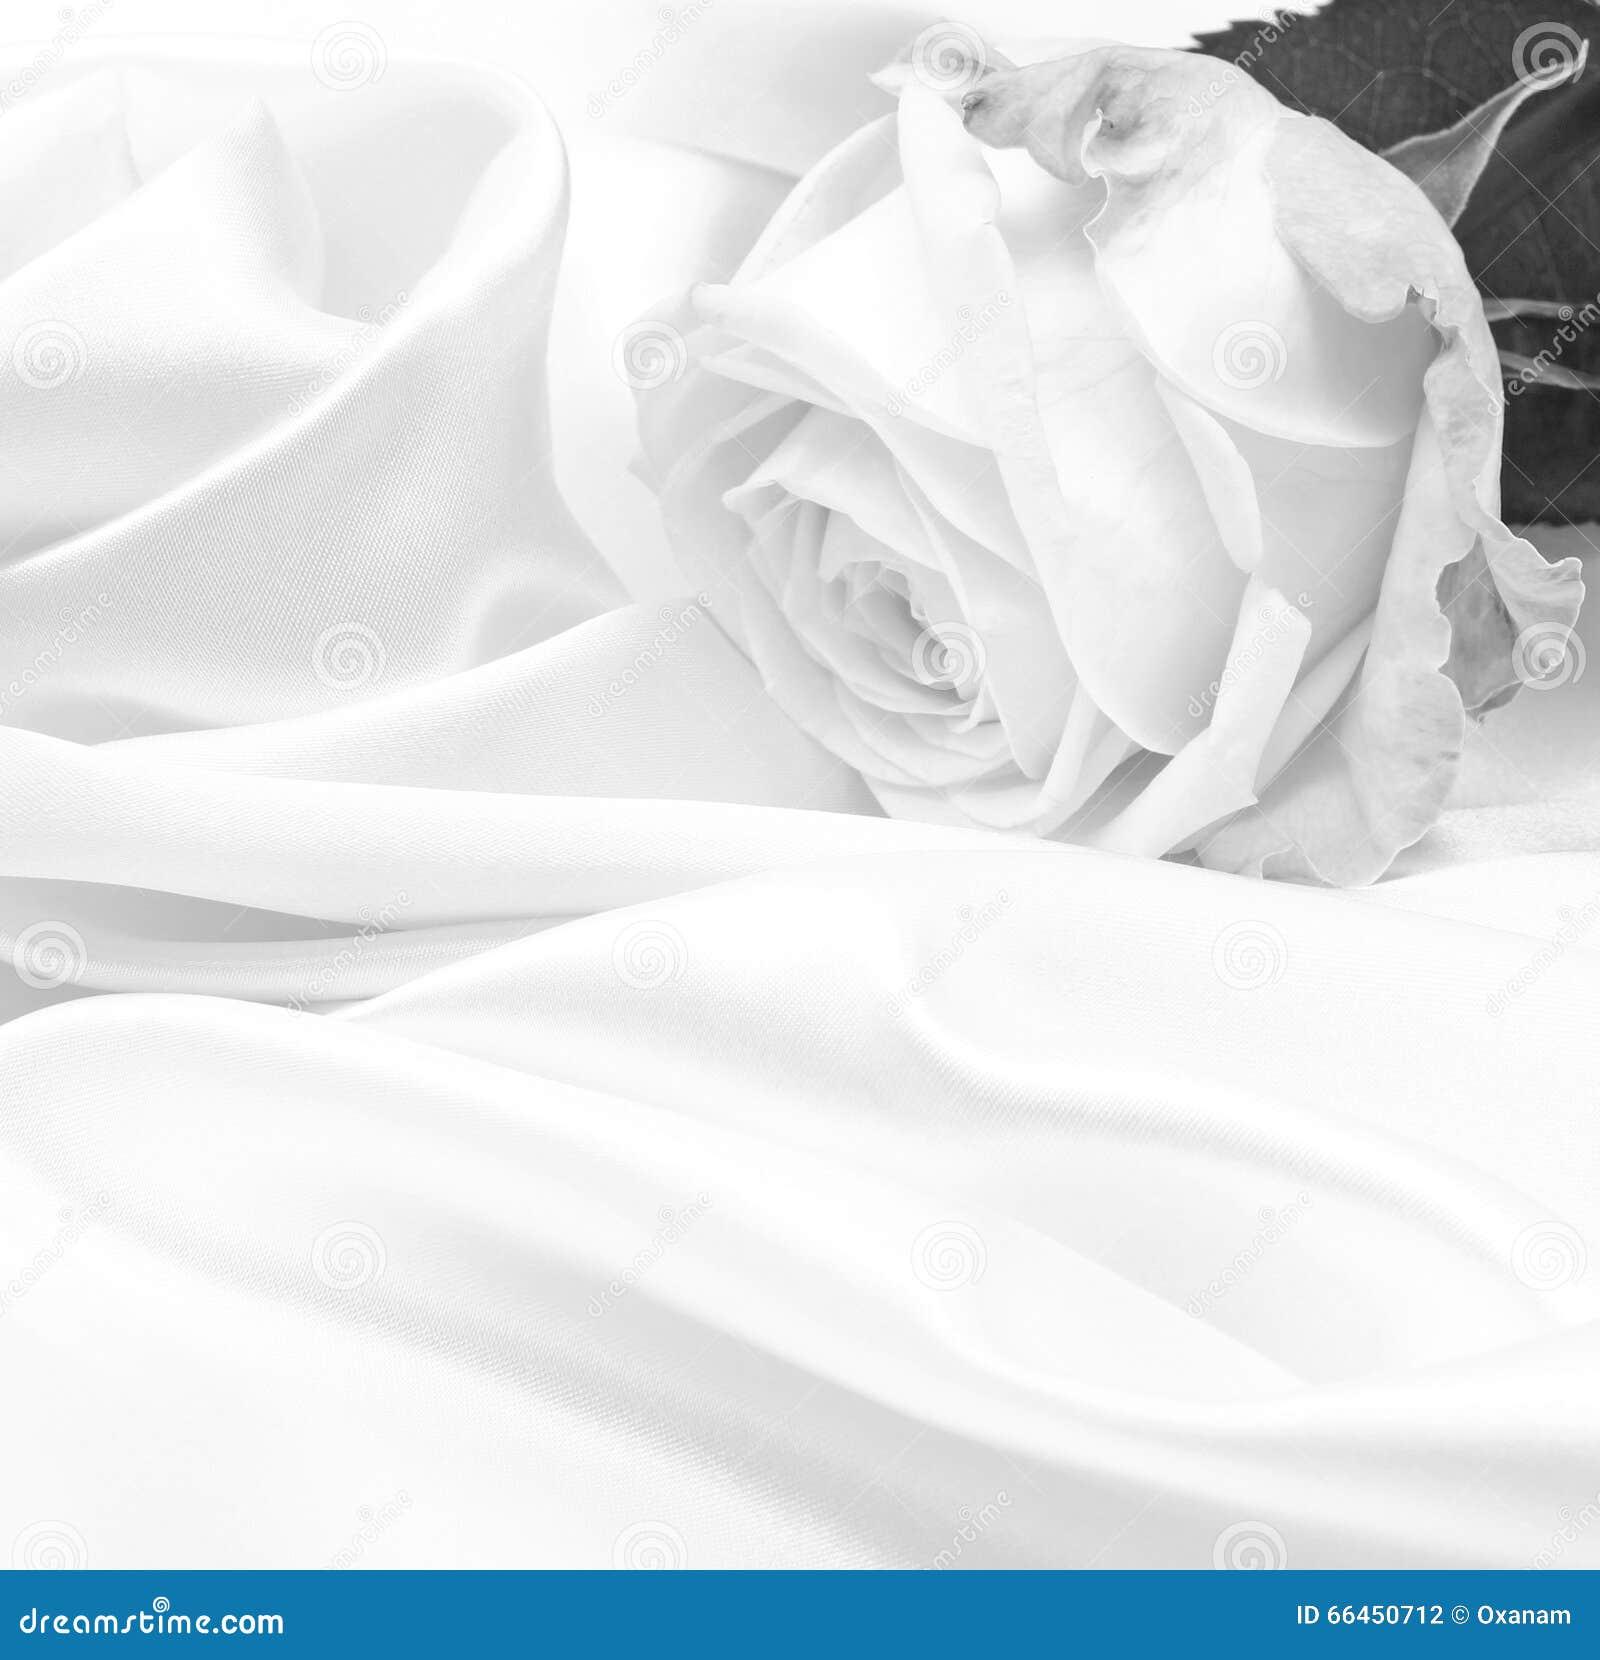 sch ne wei e rosen in schwarzweiss stockfoto bild von knospe ge ffnet 66450712. Black Bedroom Furniture Sets. Home Design Ideas